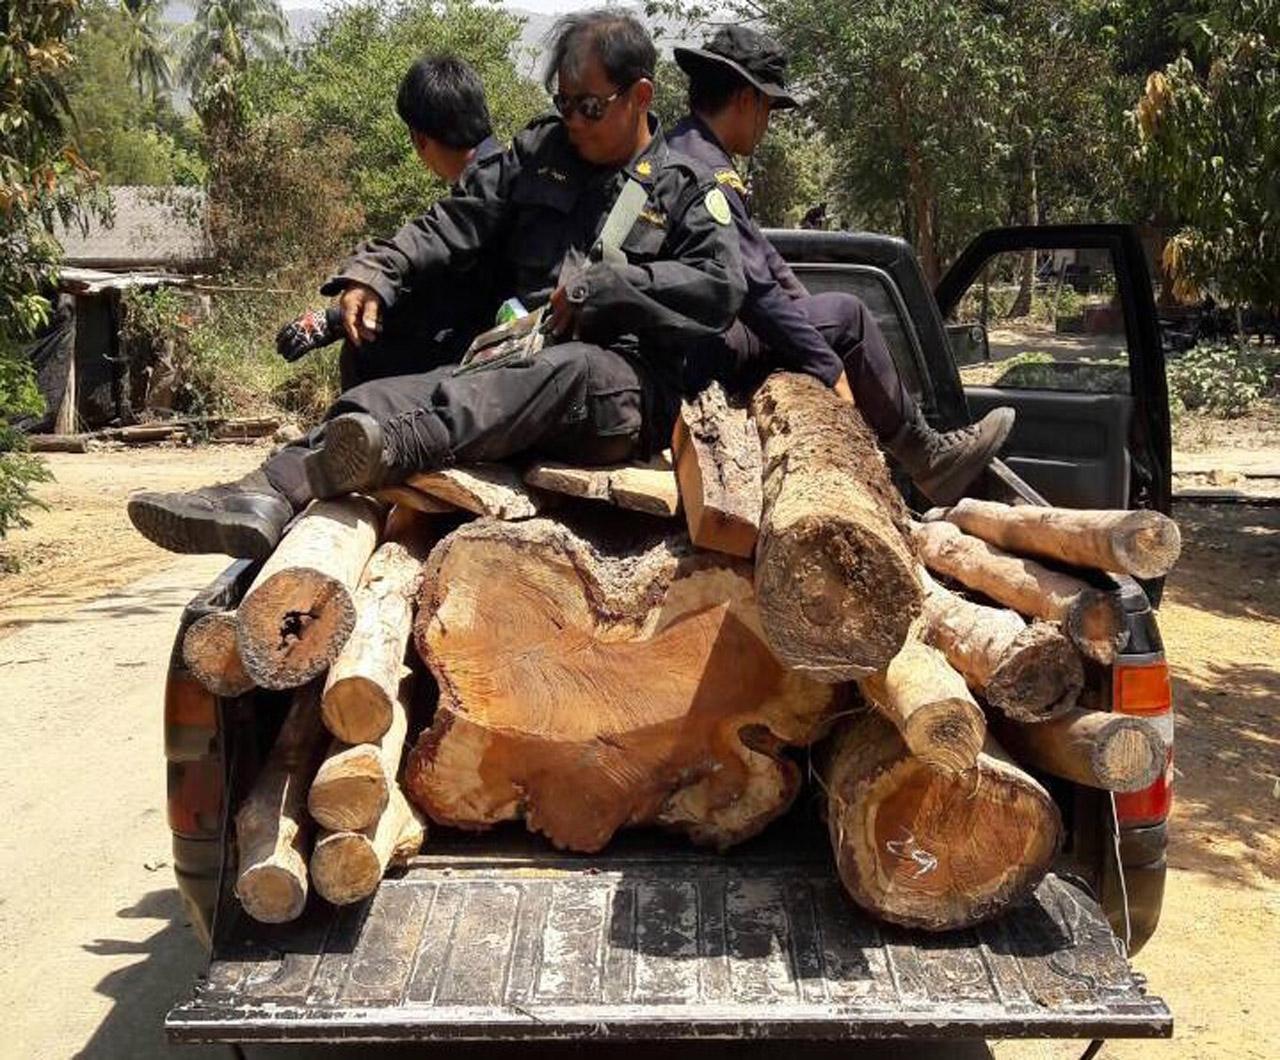 จนท.ป่าไม้ ตรวจค้นพบไม้ต้องห้าม รวมมูลค่า 5แสนบาท